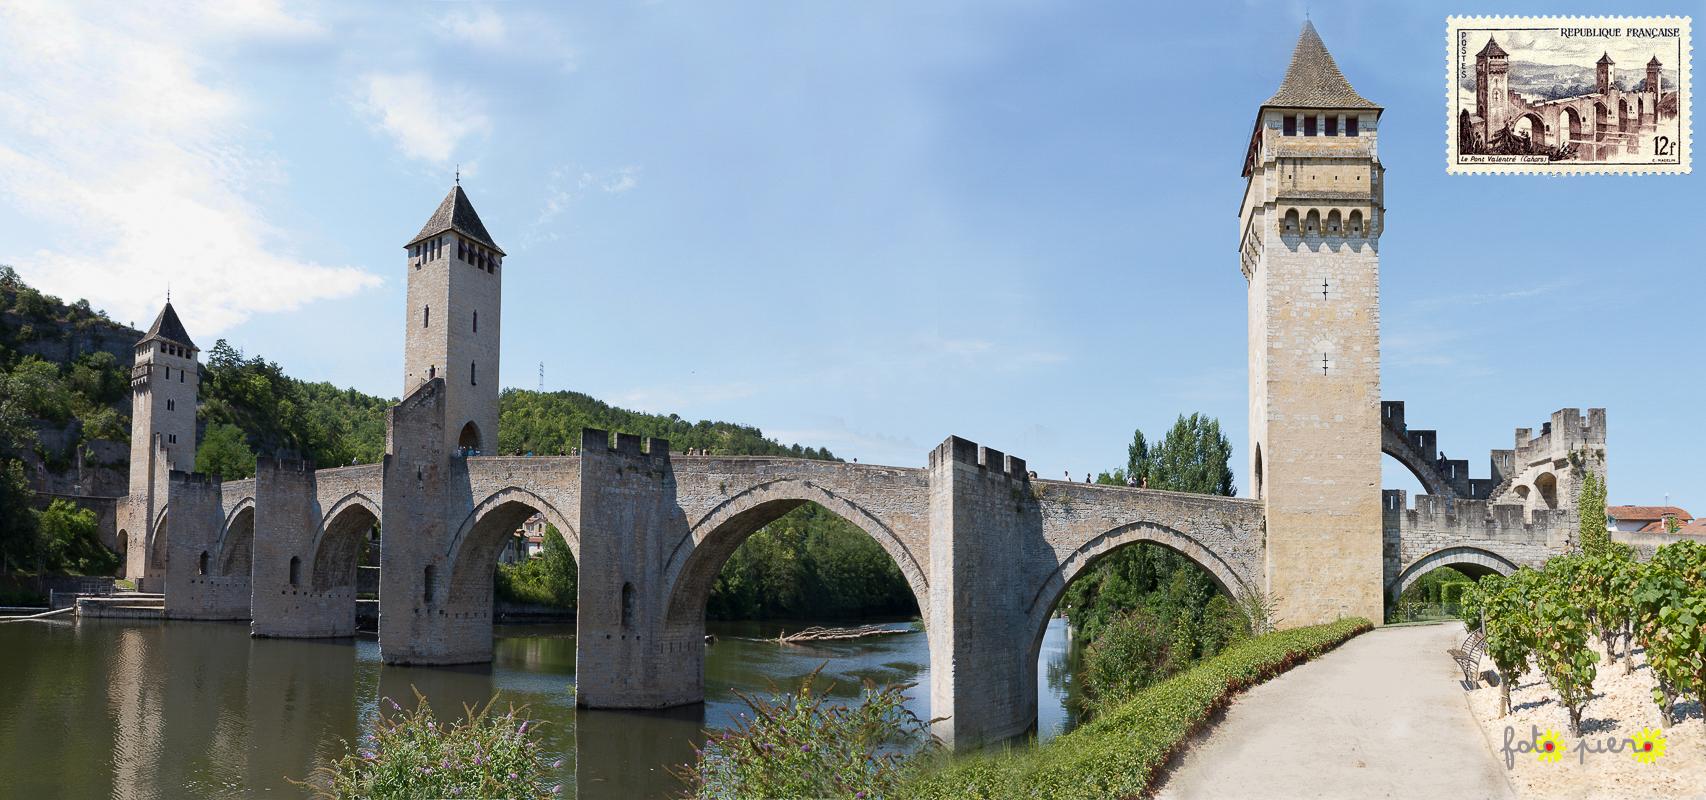 Le pont Valentré, Cahors - Lot, août 2013.